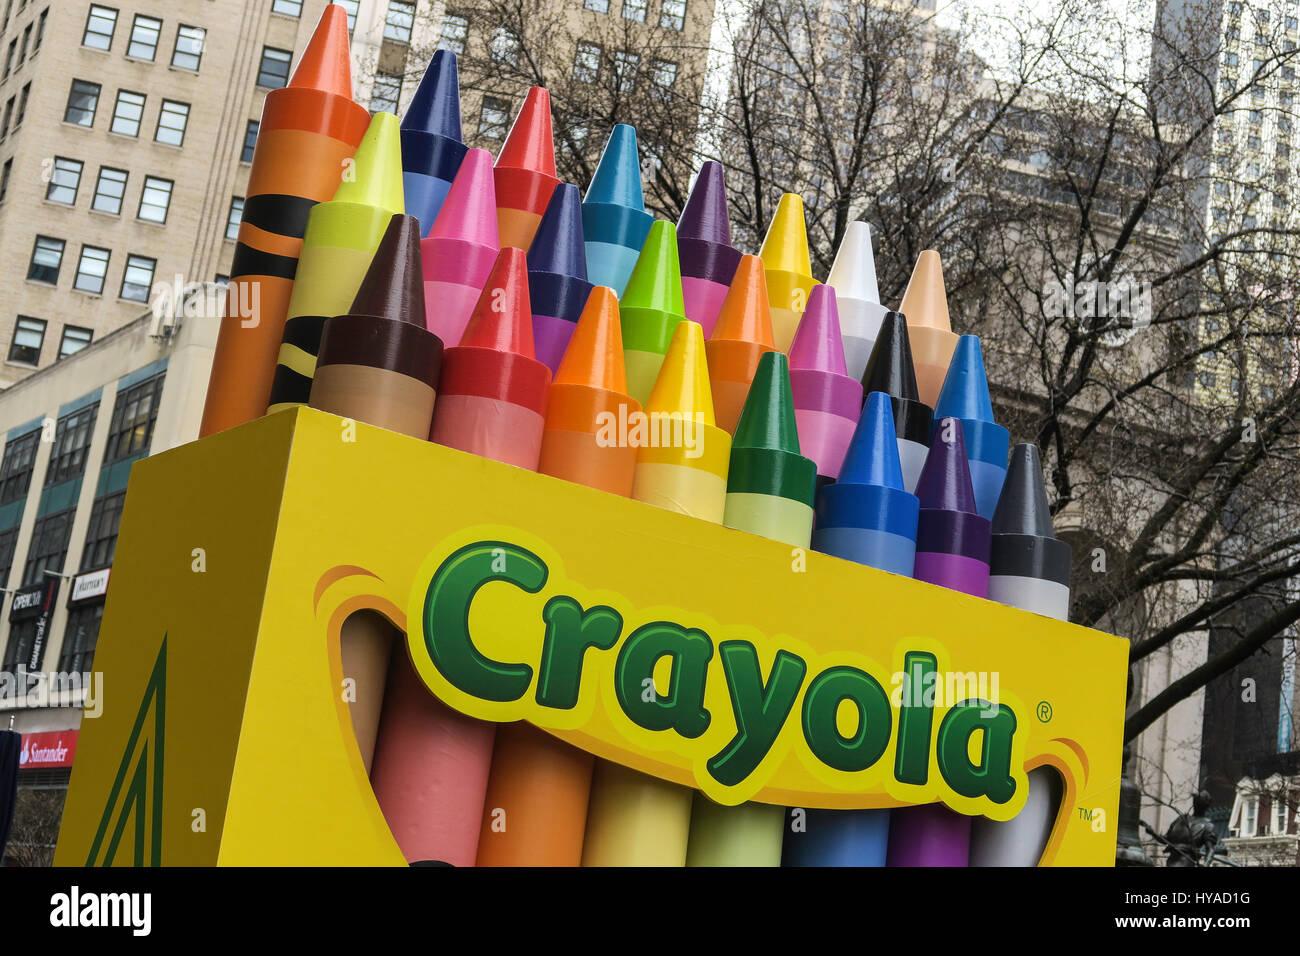 Crayola Imágenes De Stock & Crayola Fotos De Stock - Alamy